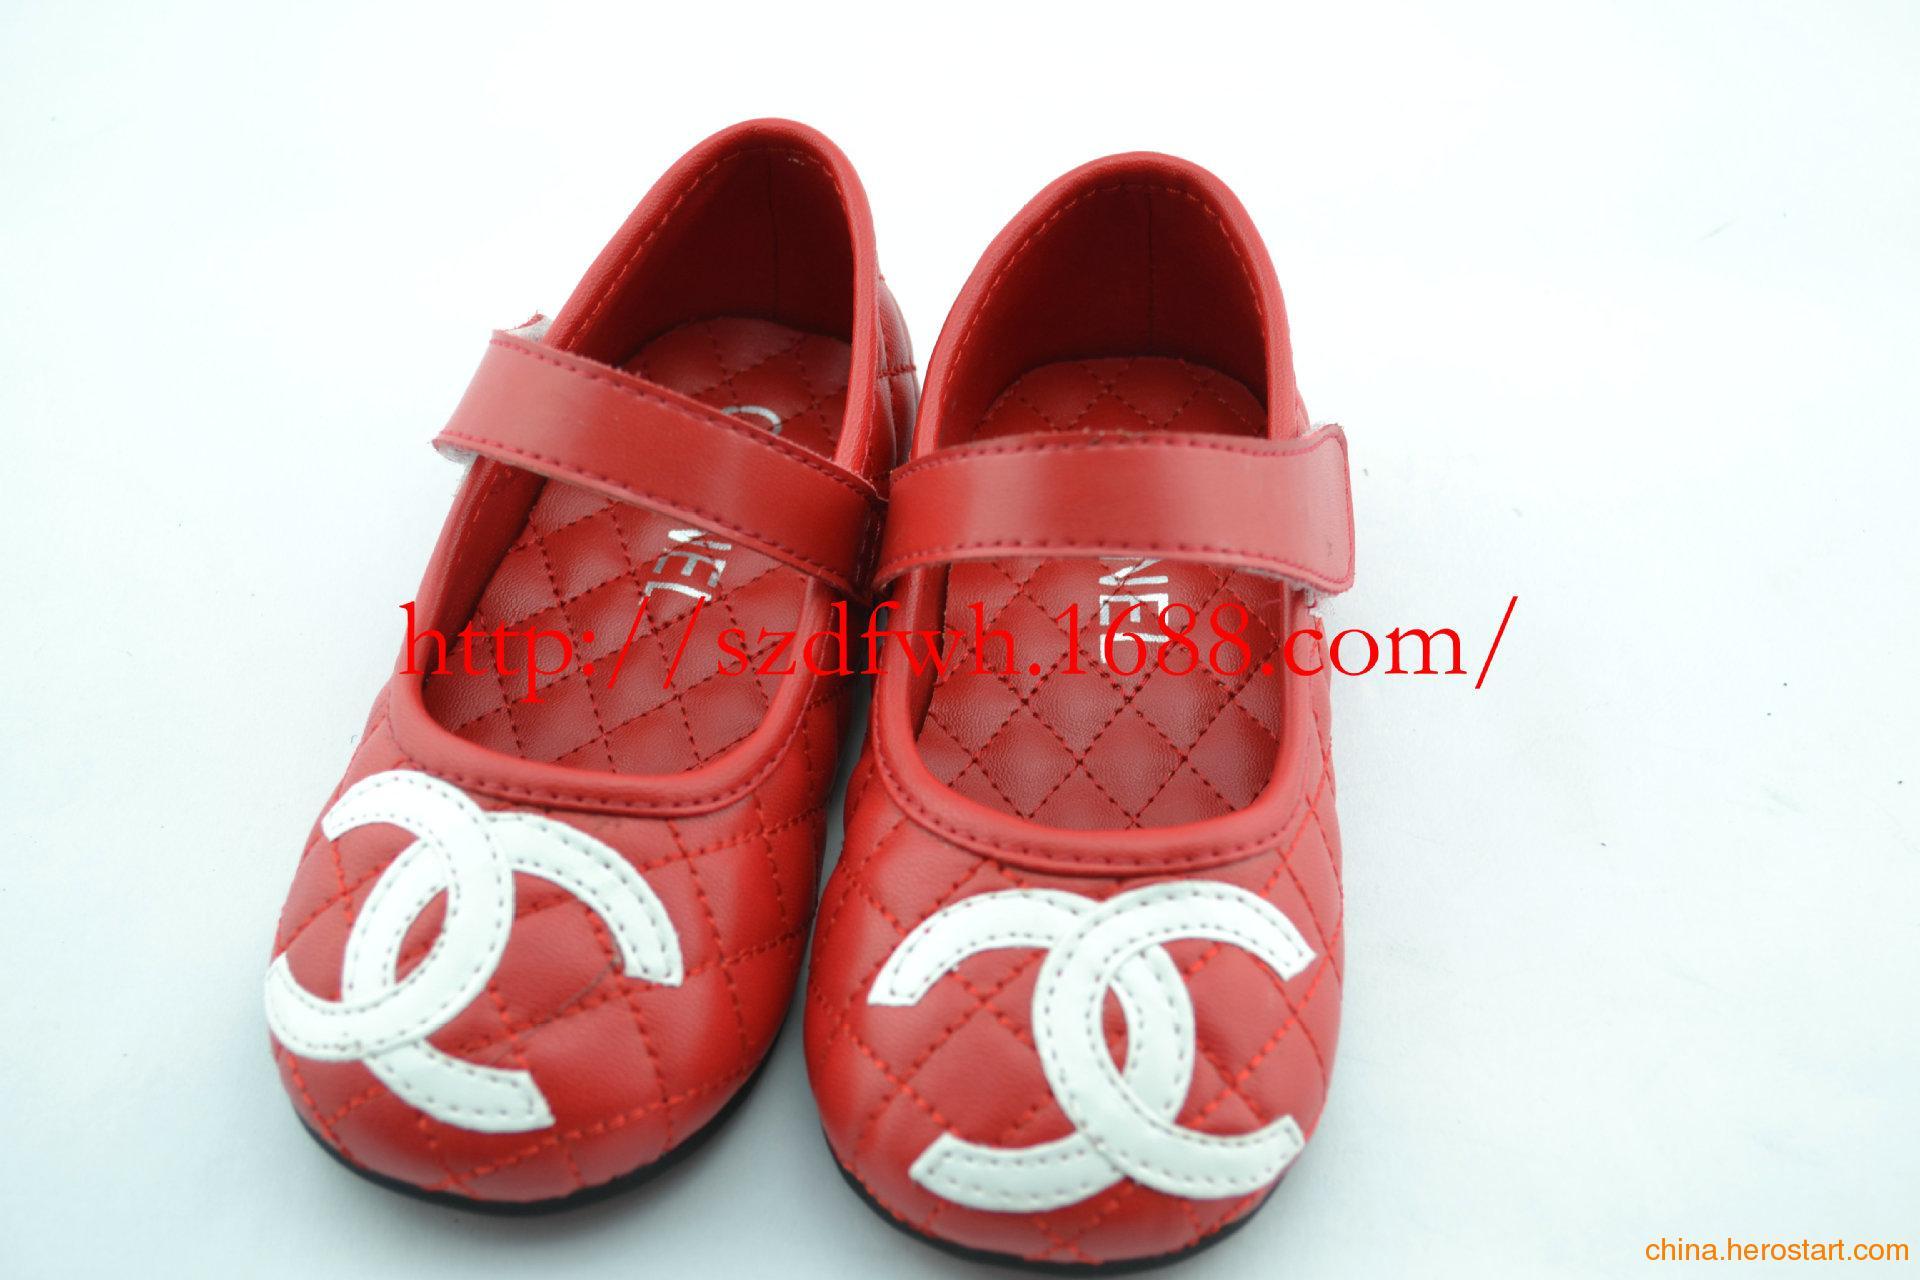 供应宝宝鞋 学步鞋 最新款童鞋一件代发 真皮童鞋 真皮单鞋